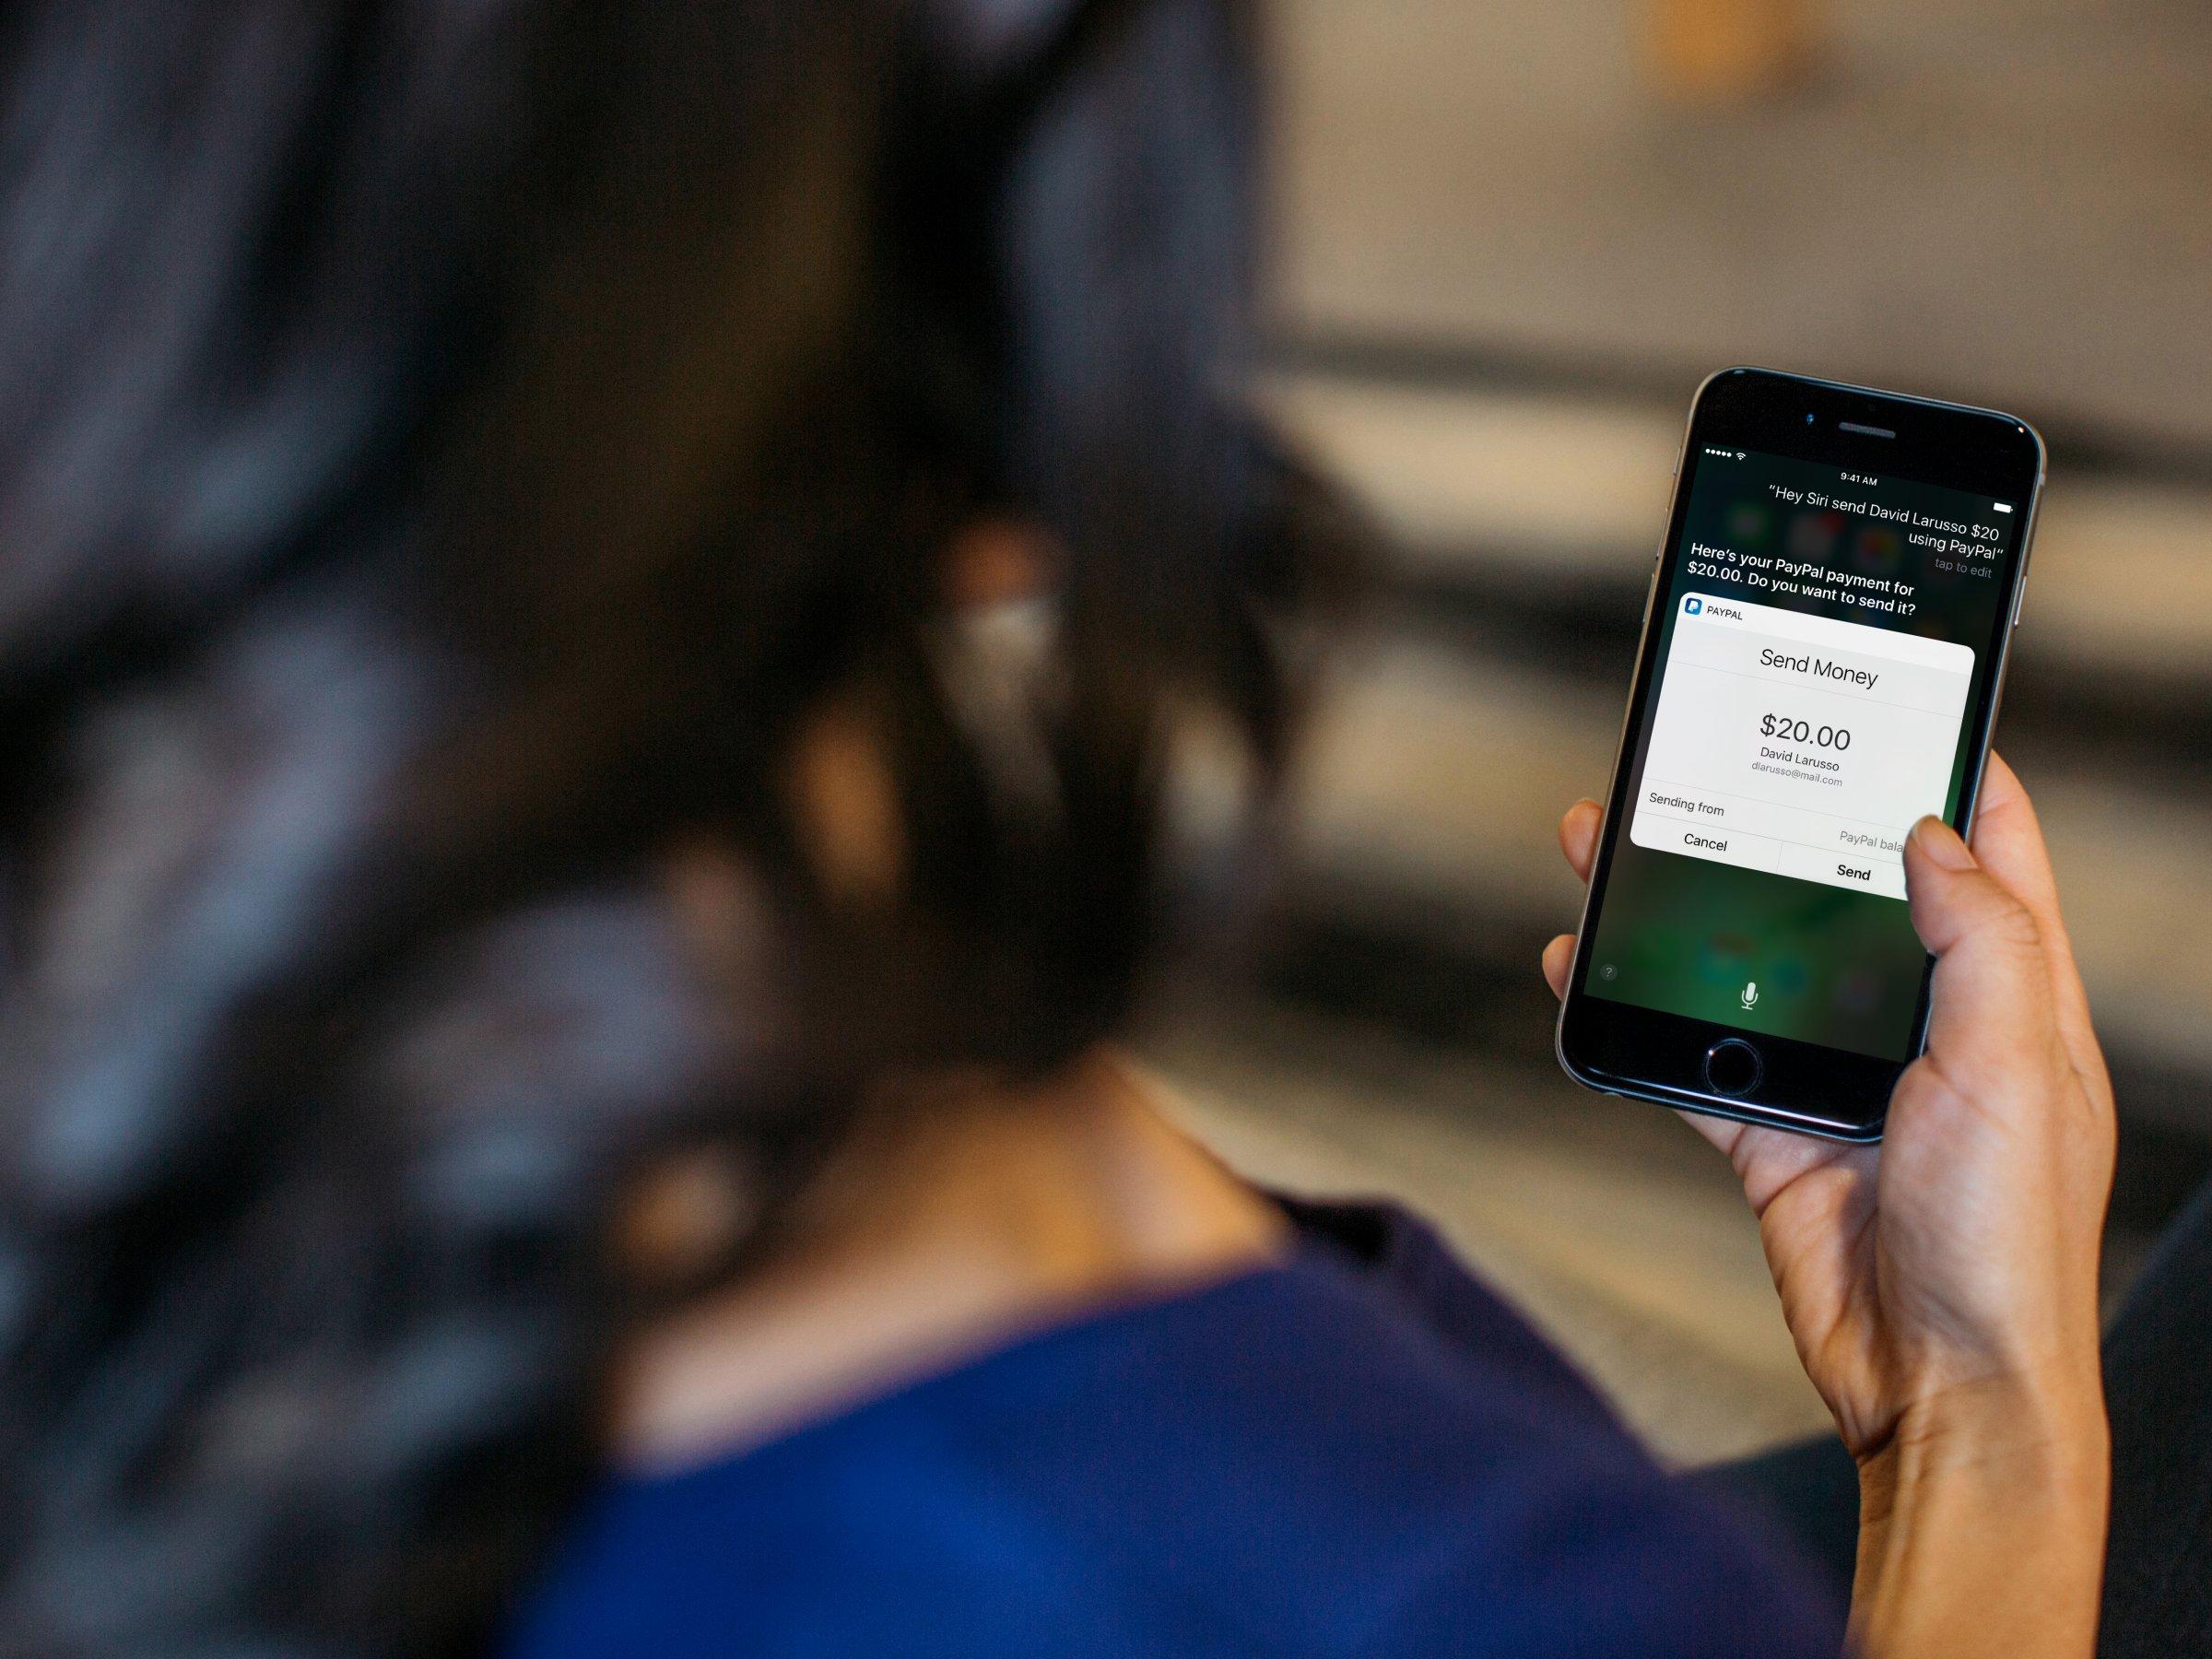 PayPal su iOS si aggiorna, potrete richiedere ed inviare denaro via smartphone